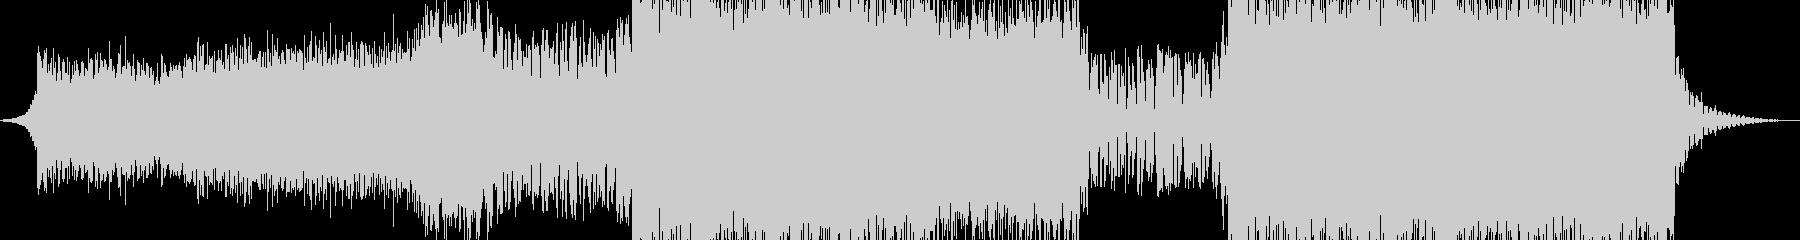 クールで切ないハウスエレクトロの未再生の波形